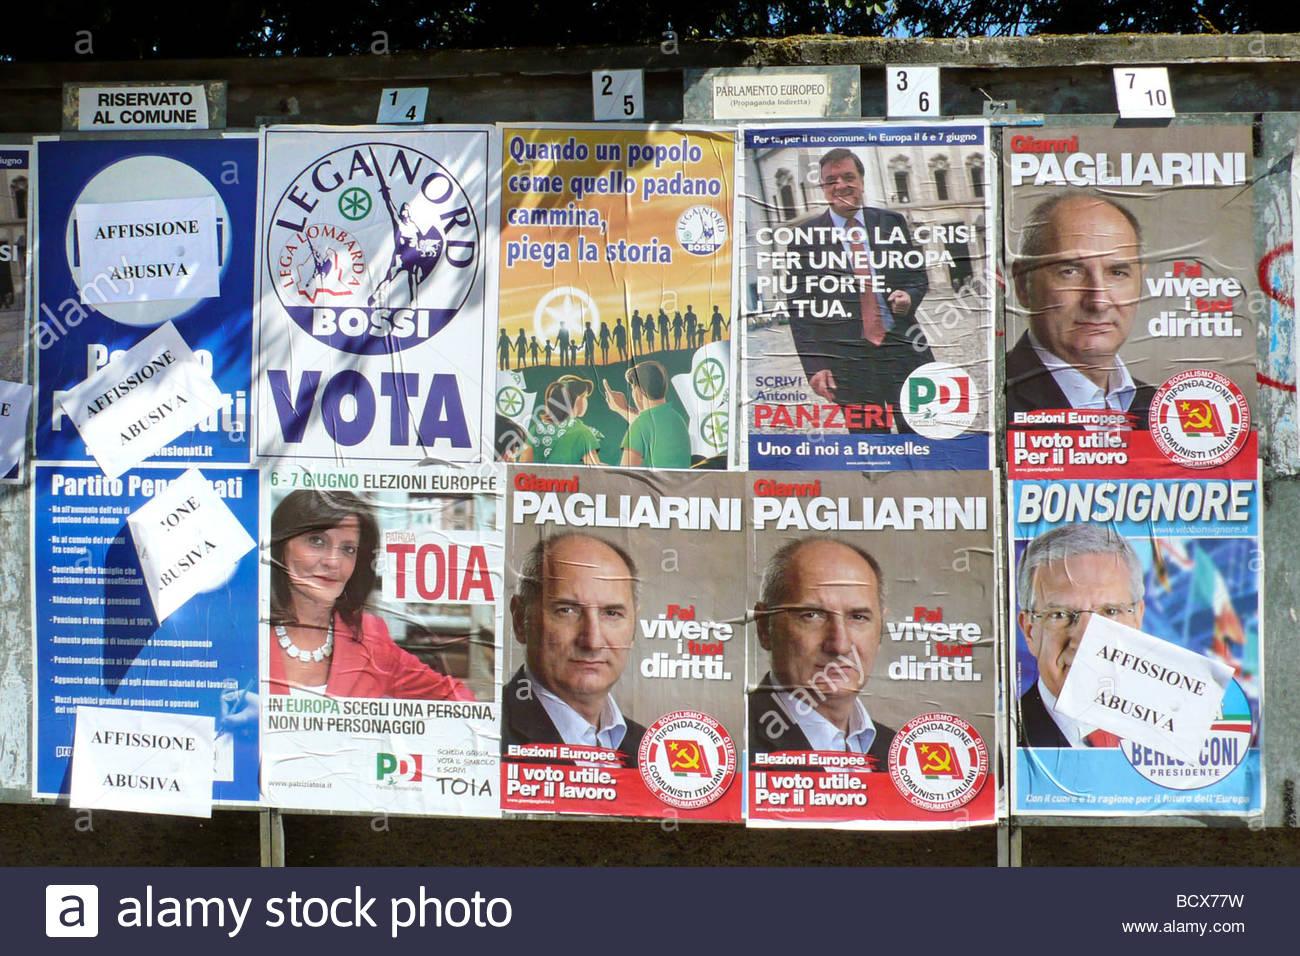 electoral campaign Stock Photo